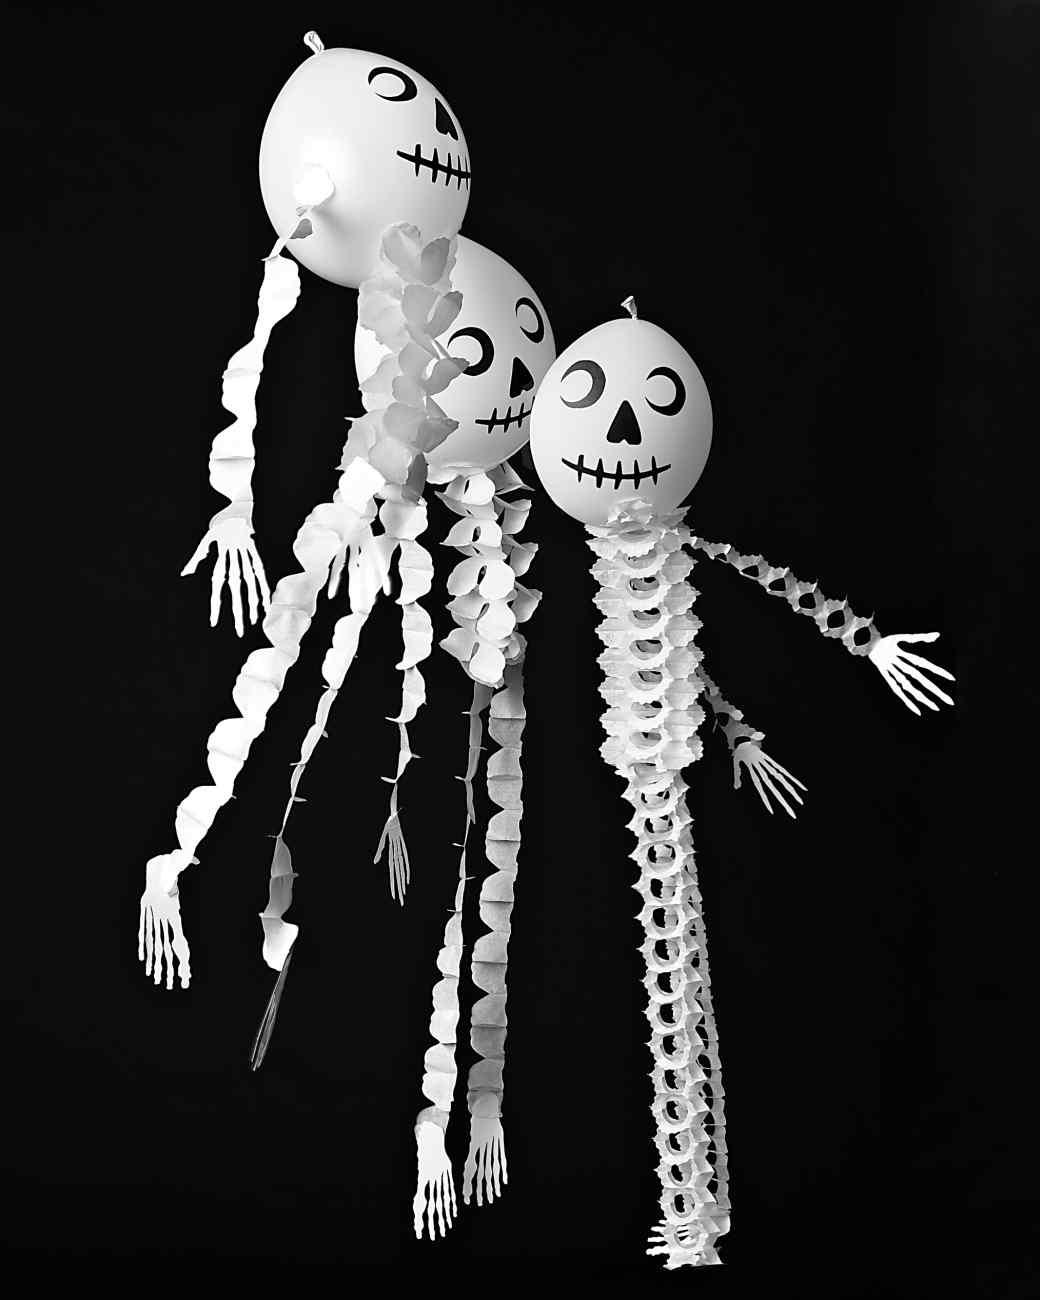 skeleton-balloons